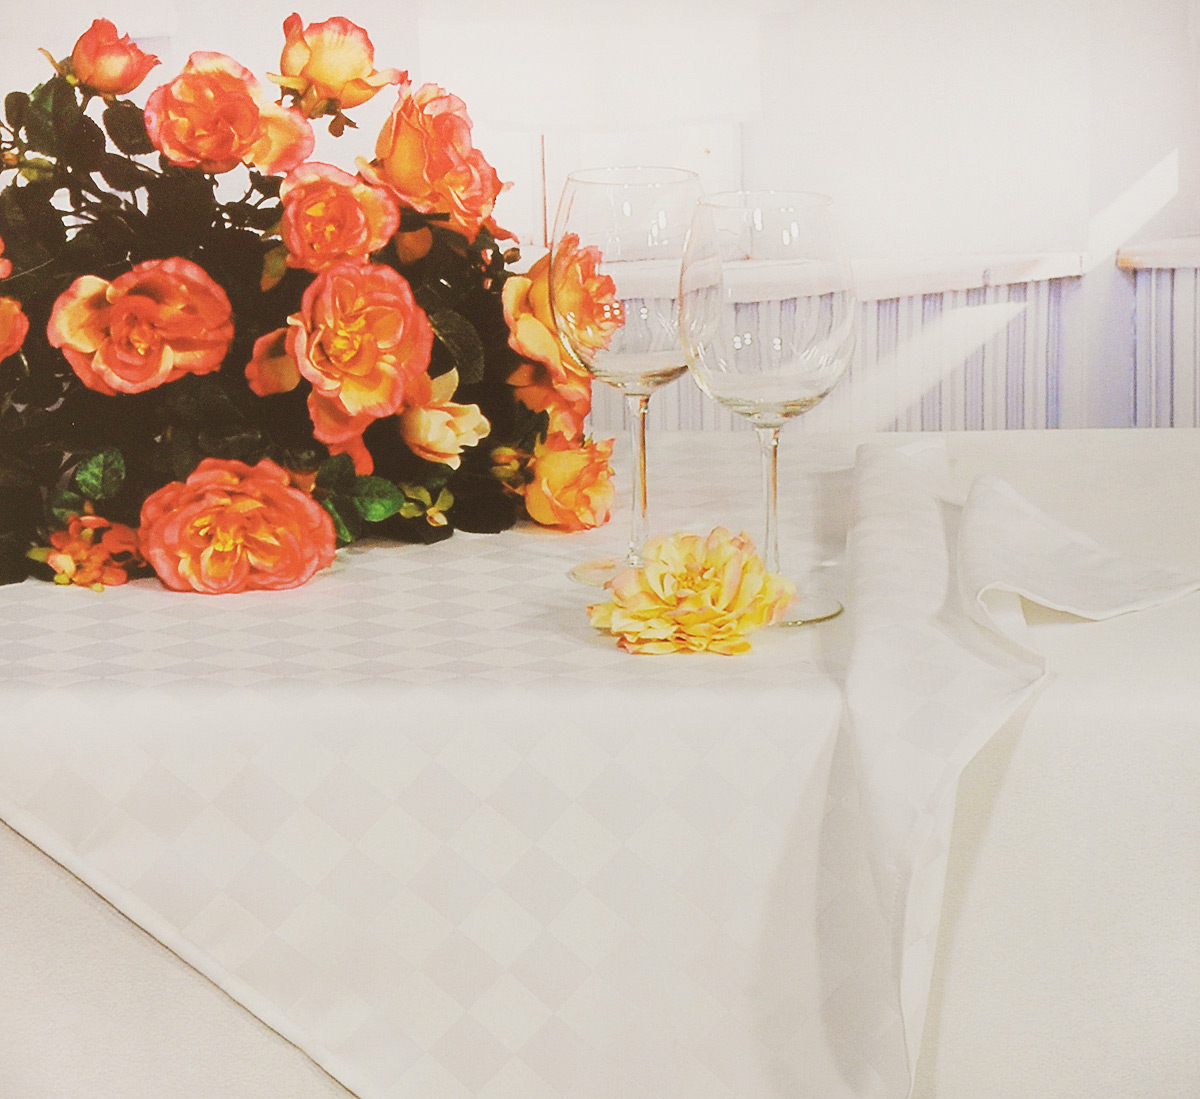 Скатерть Schaefer, прямоугольная, цвет: кремовый, 130 x 160 см4169/FB.00 Скатерть, 130*160 смПрямоугольная скатерть Schaefer, выполненная из полиэстера, станет украшениемкухонного стола. Изделие оформлено принтом в клетку.За текстилем из полиэстера очень легко ухаживать: он не мнется, не садится и быстросохнет, легко стирается, более долговечен, чем текстиль из натуральных волокон. Использование такой скатерти сделает застолье торжественным, поднимет настроениегостей и приятно удивит их вашим изысканным вкусом. Также вы можете использовать этускатерть для повседневной трапезы, превратив каждый прием пищи в волшебный праздники веселье.Это текстильное изделие станет изысканным украшением вашего дома!